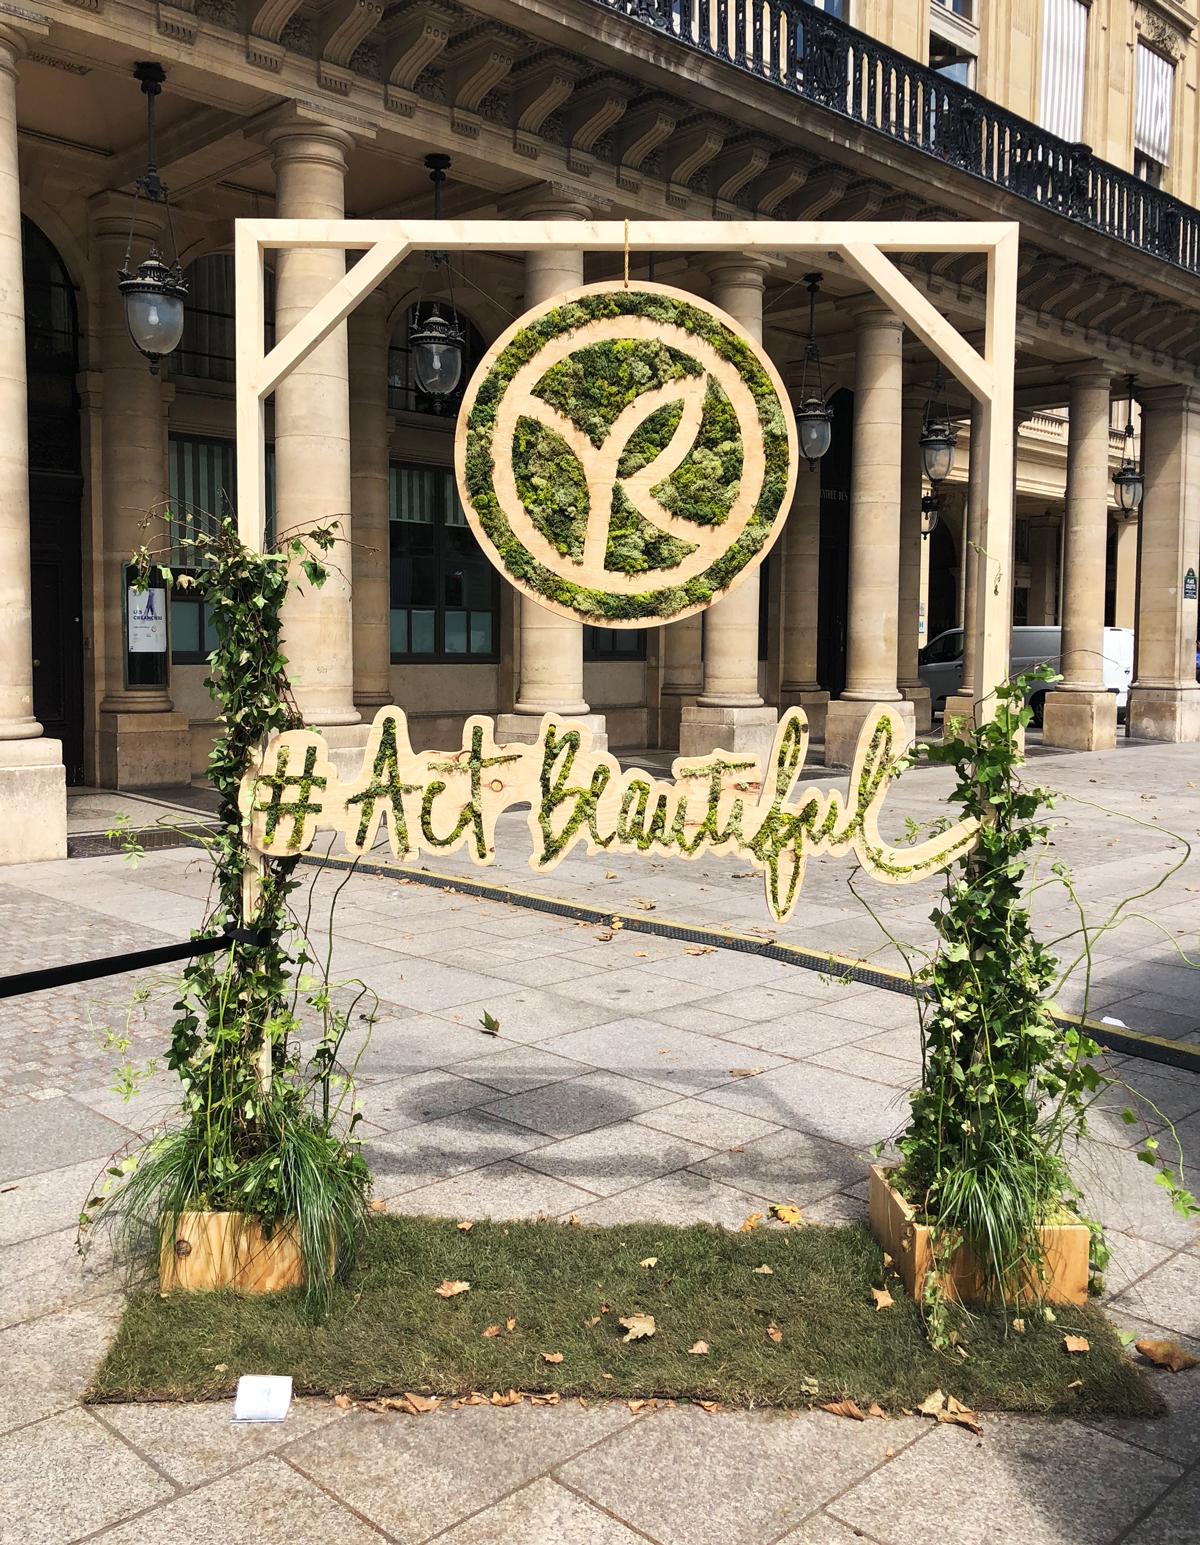 Die botanische Kugel von Yves Rocher am Place Colette in Paris.